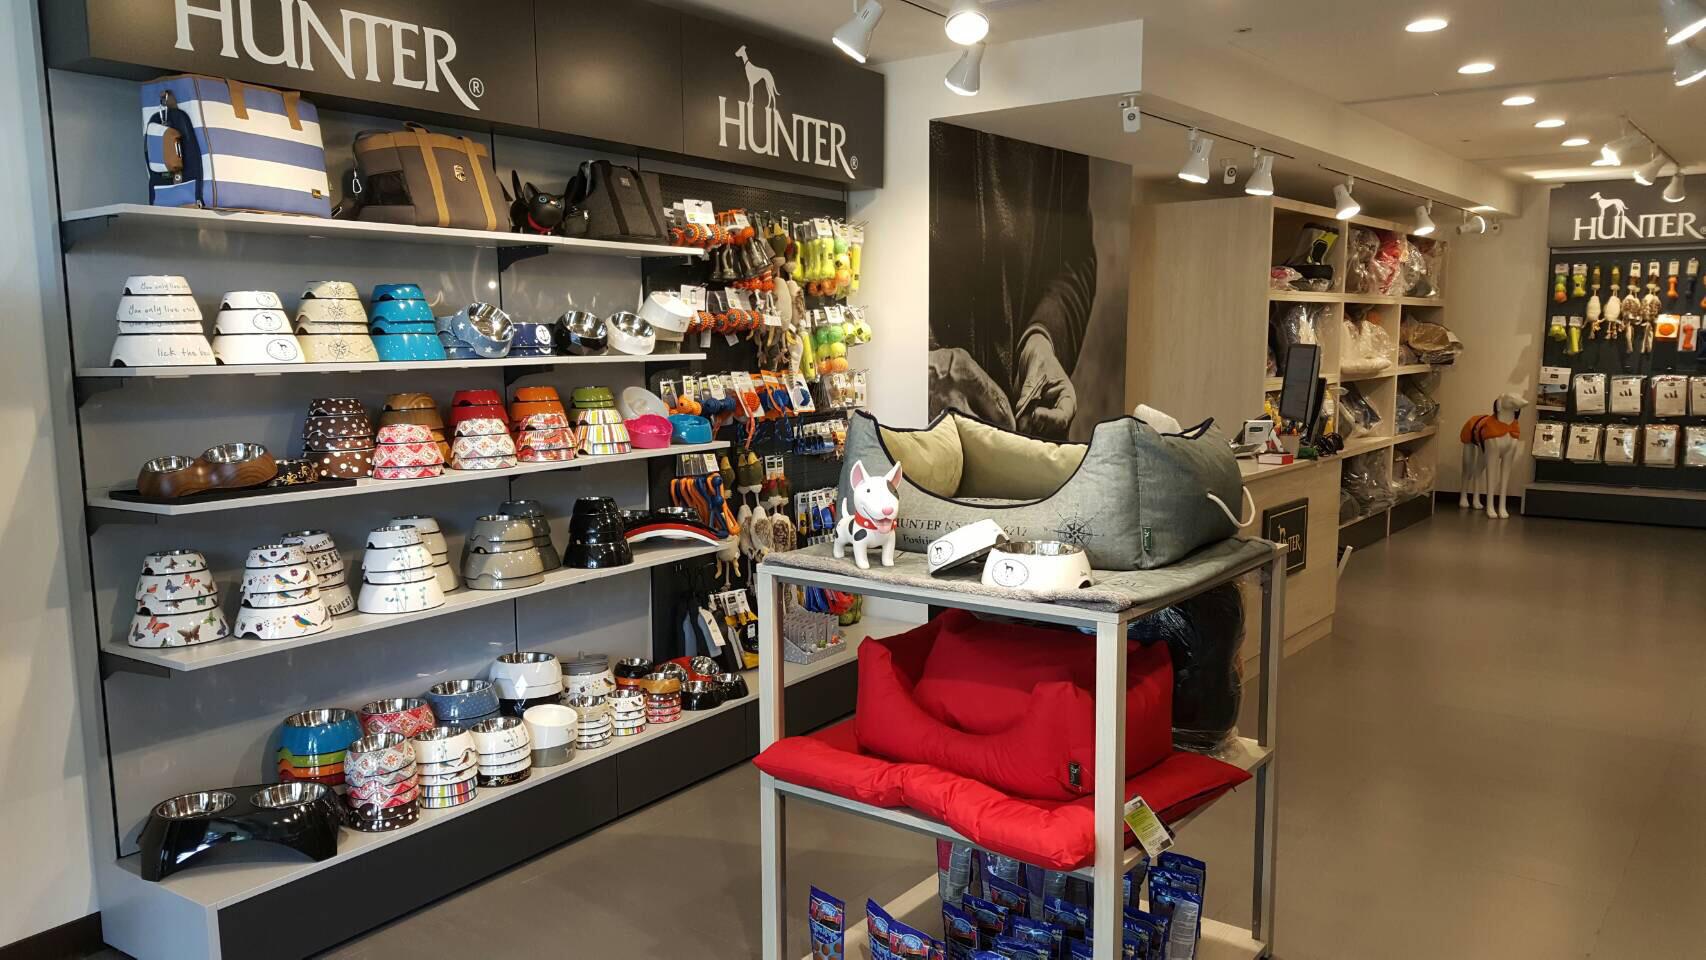 Hunter__Jetzt 16 Brand Stores weltweit